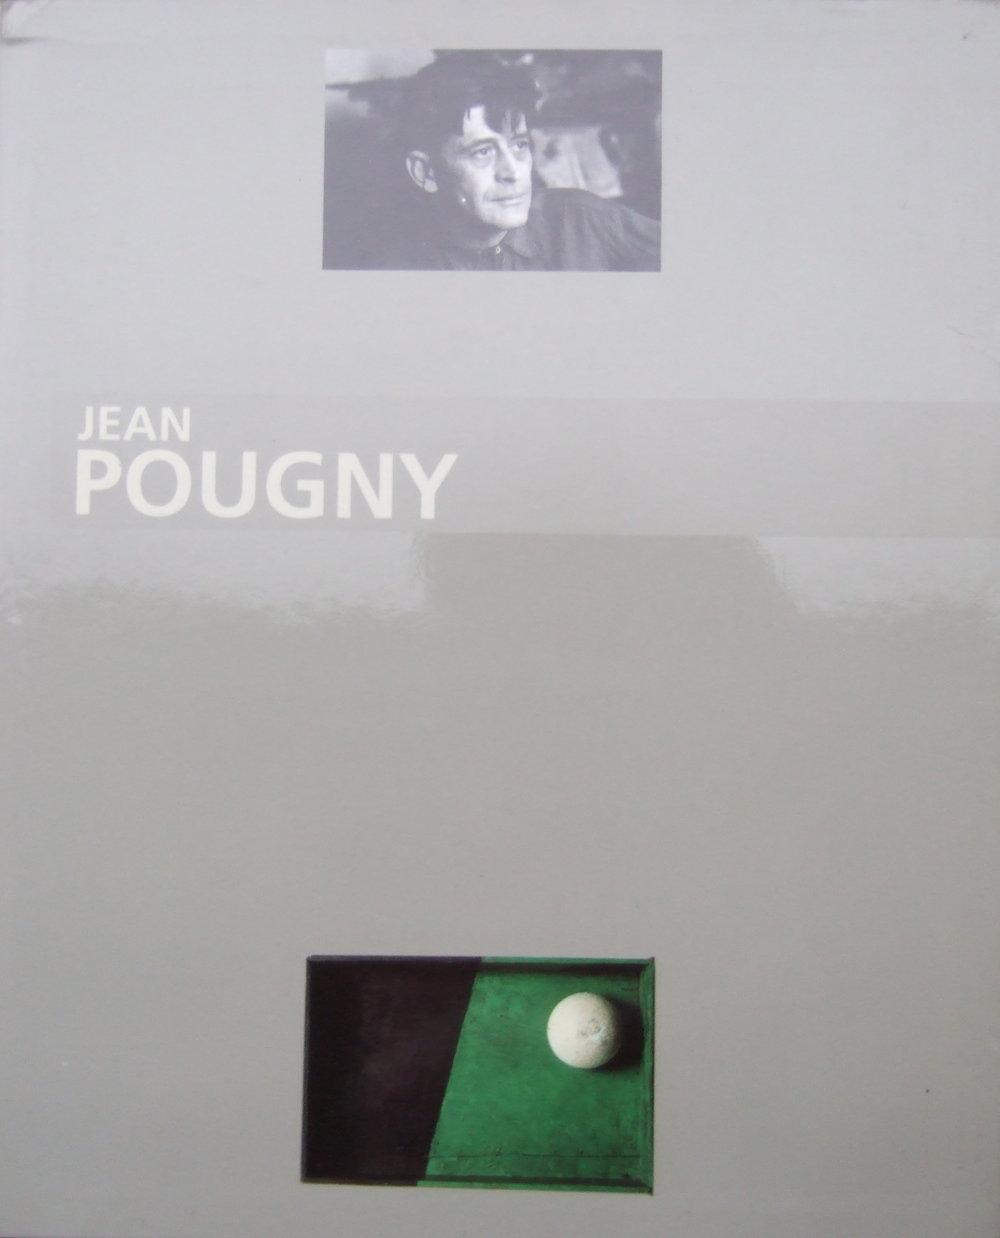 Jean Pougny